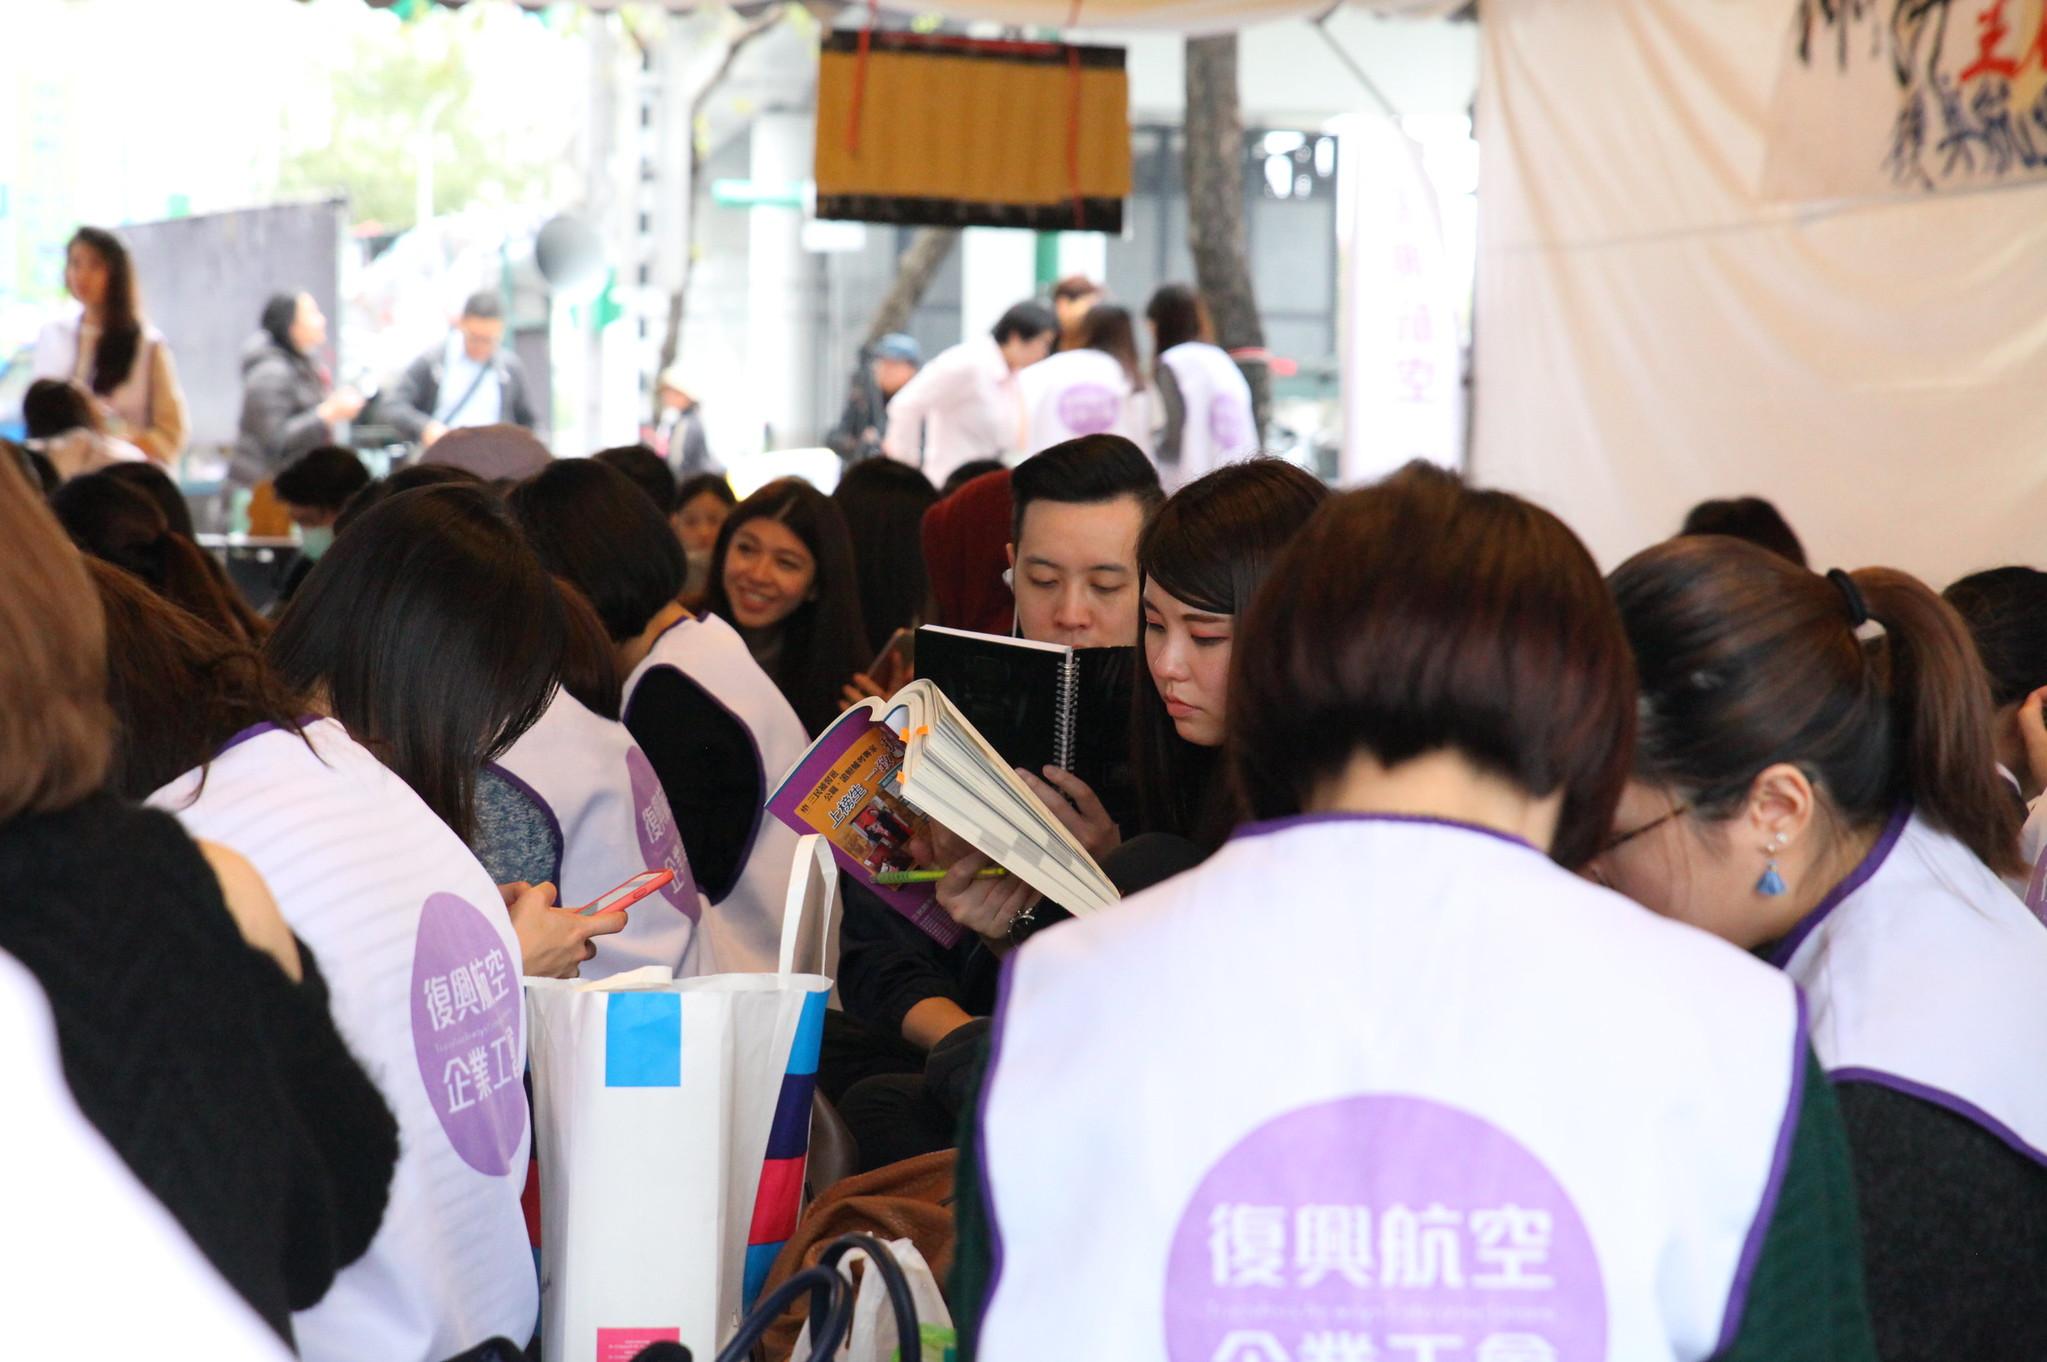 夜宿現場,失業員工手持國考教科書,為自己尋覓一個相對「穩定」的未來。(攝影:陳逸婷)